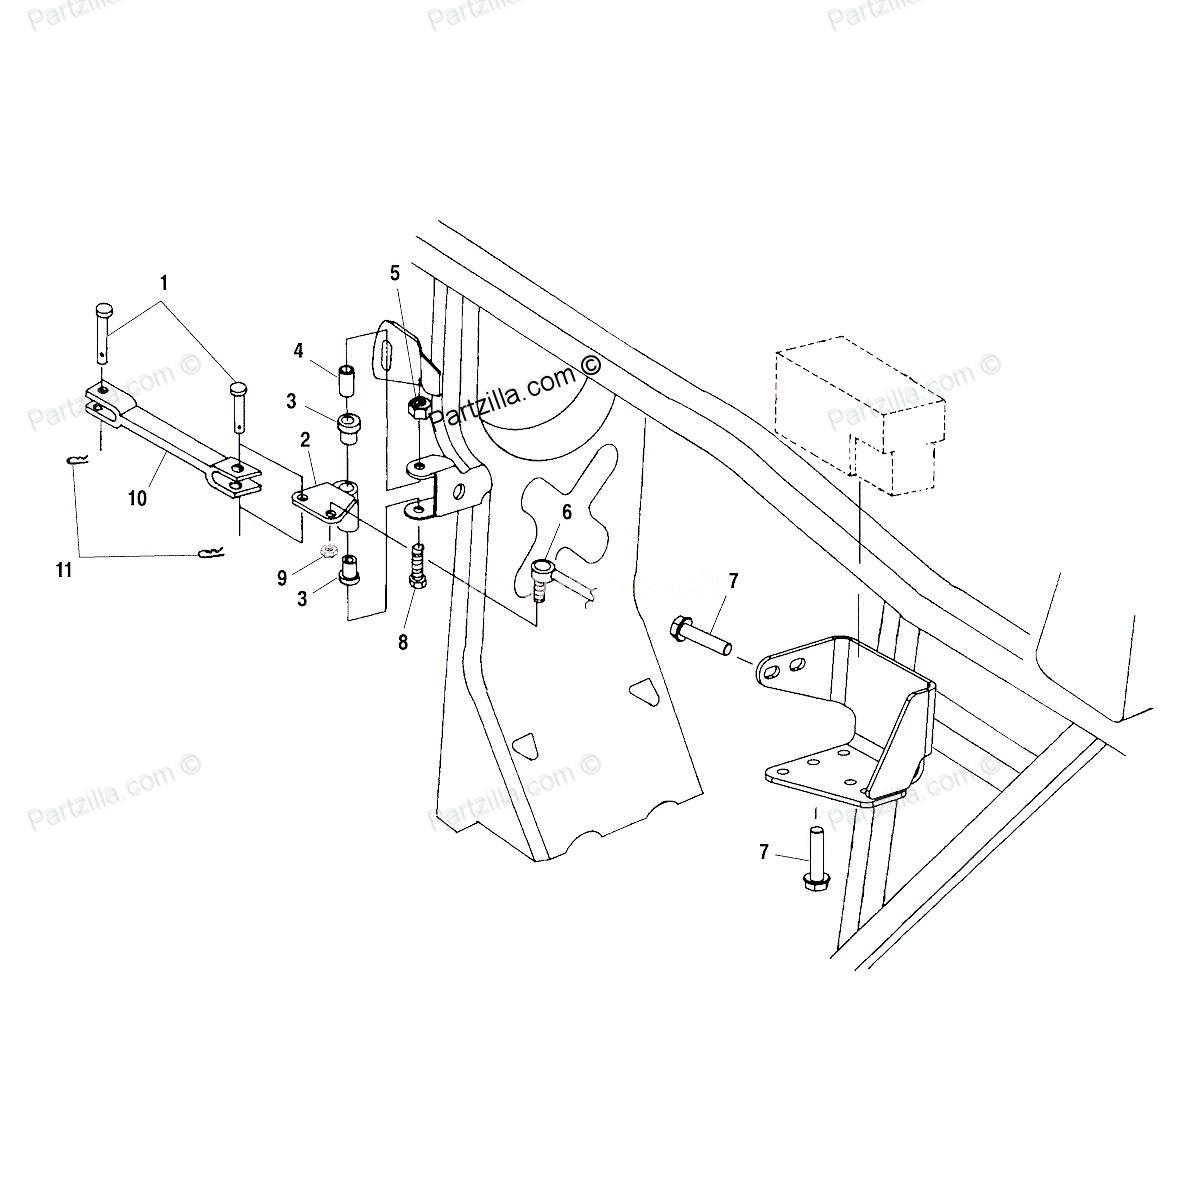 Illustrates The 2010 Polaris Atv Sportsman 800 Wiring Diagram 2009 Library